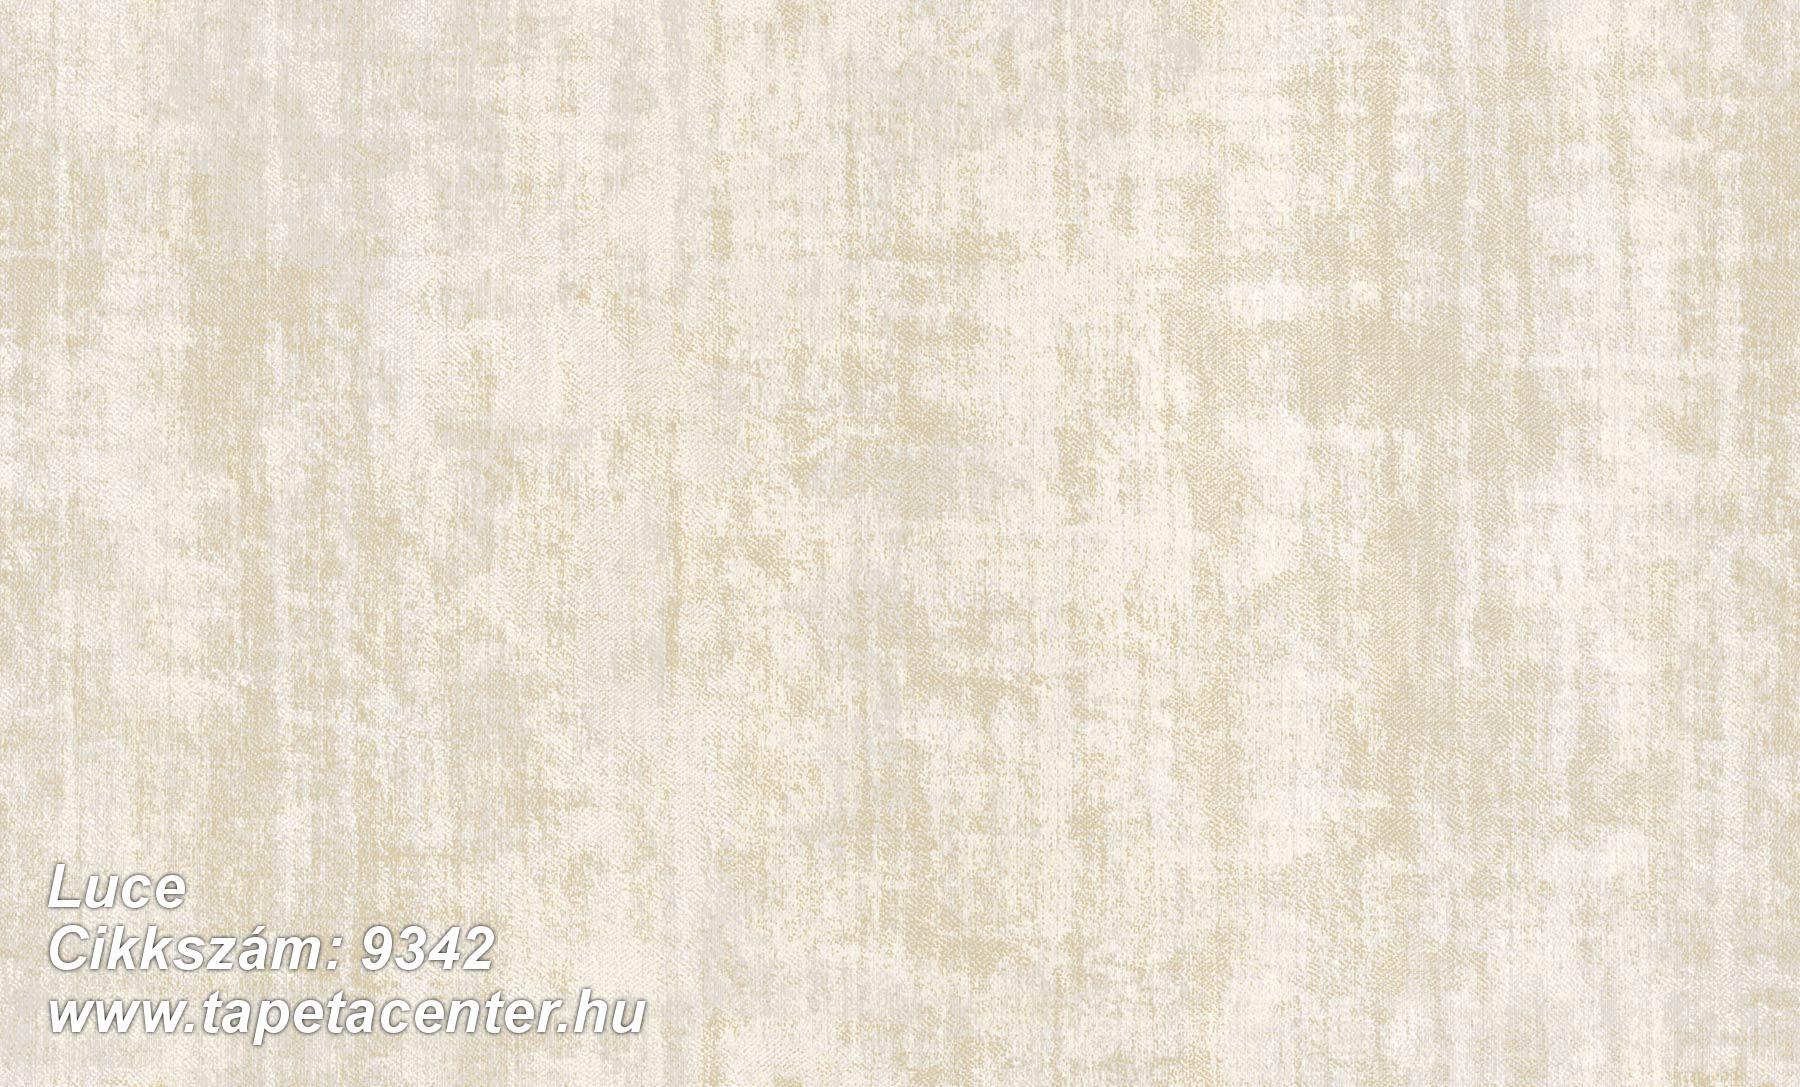 Egyszínű,textil hatású,bézs-drapp,súrolható,vlies tapéta